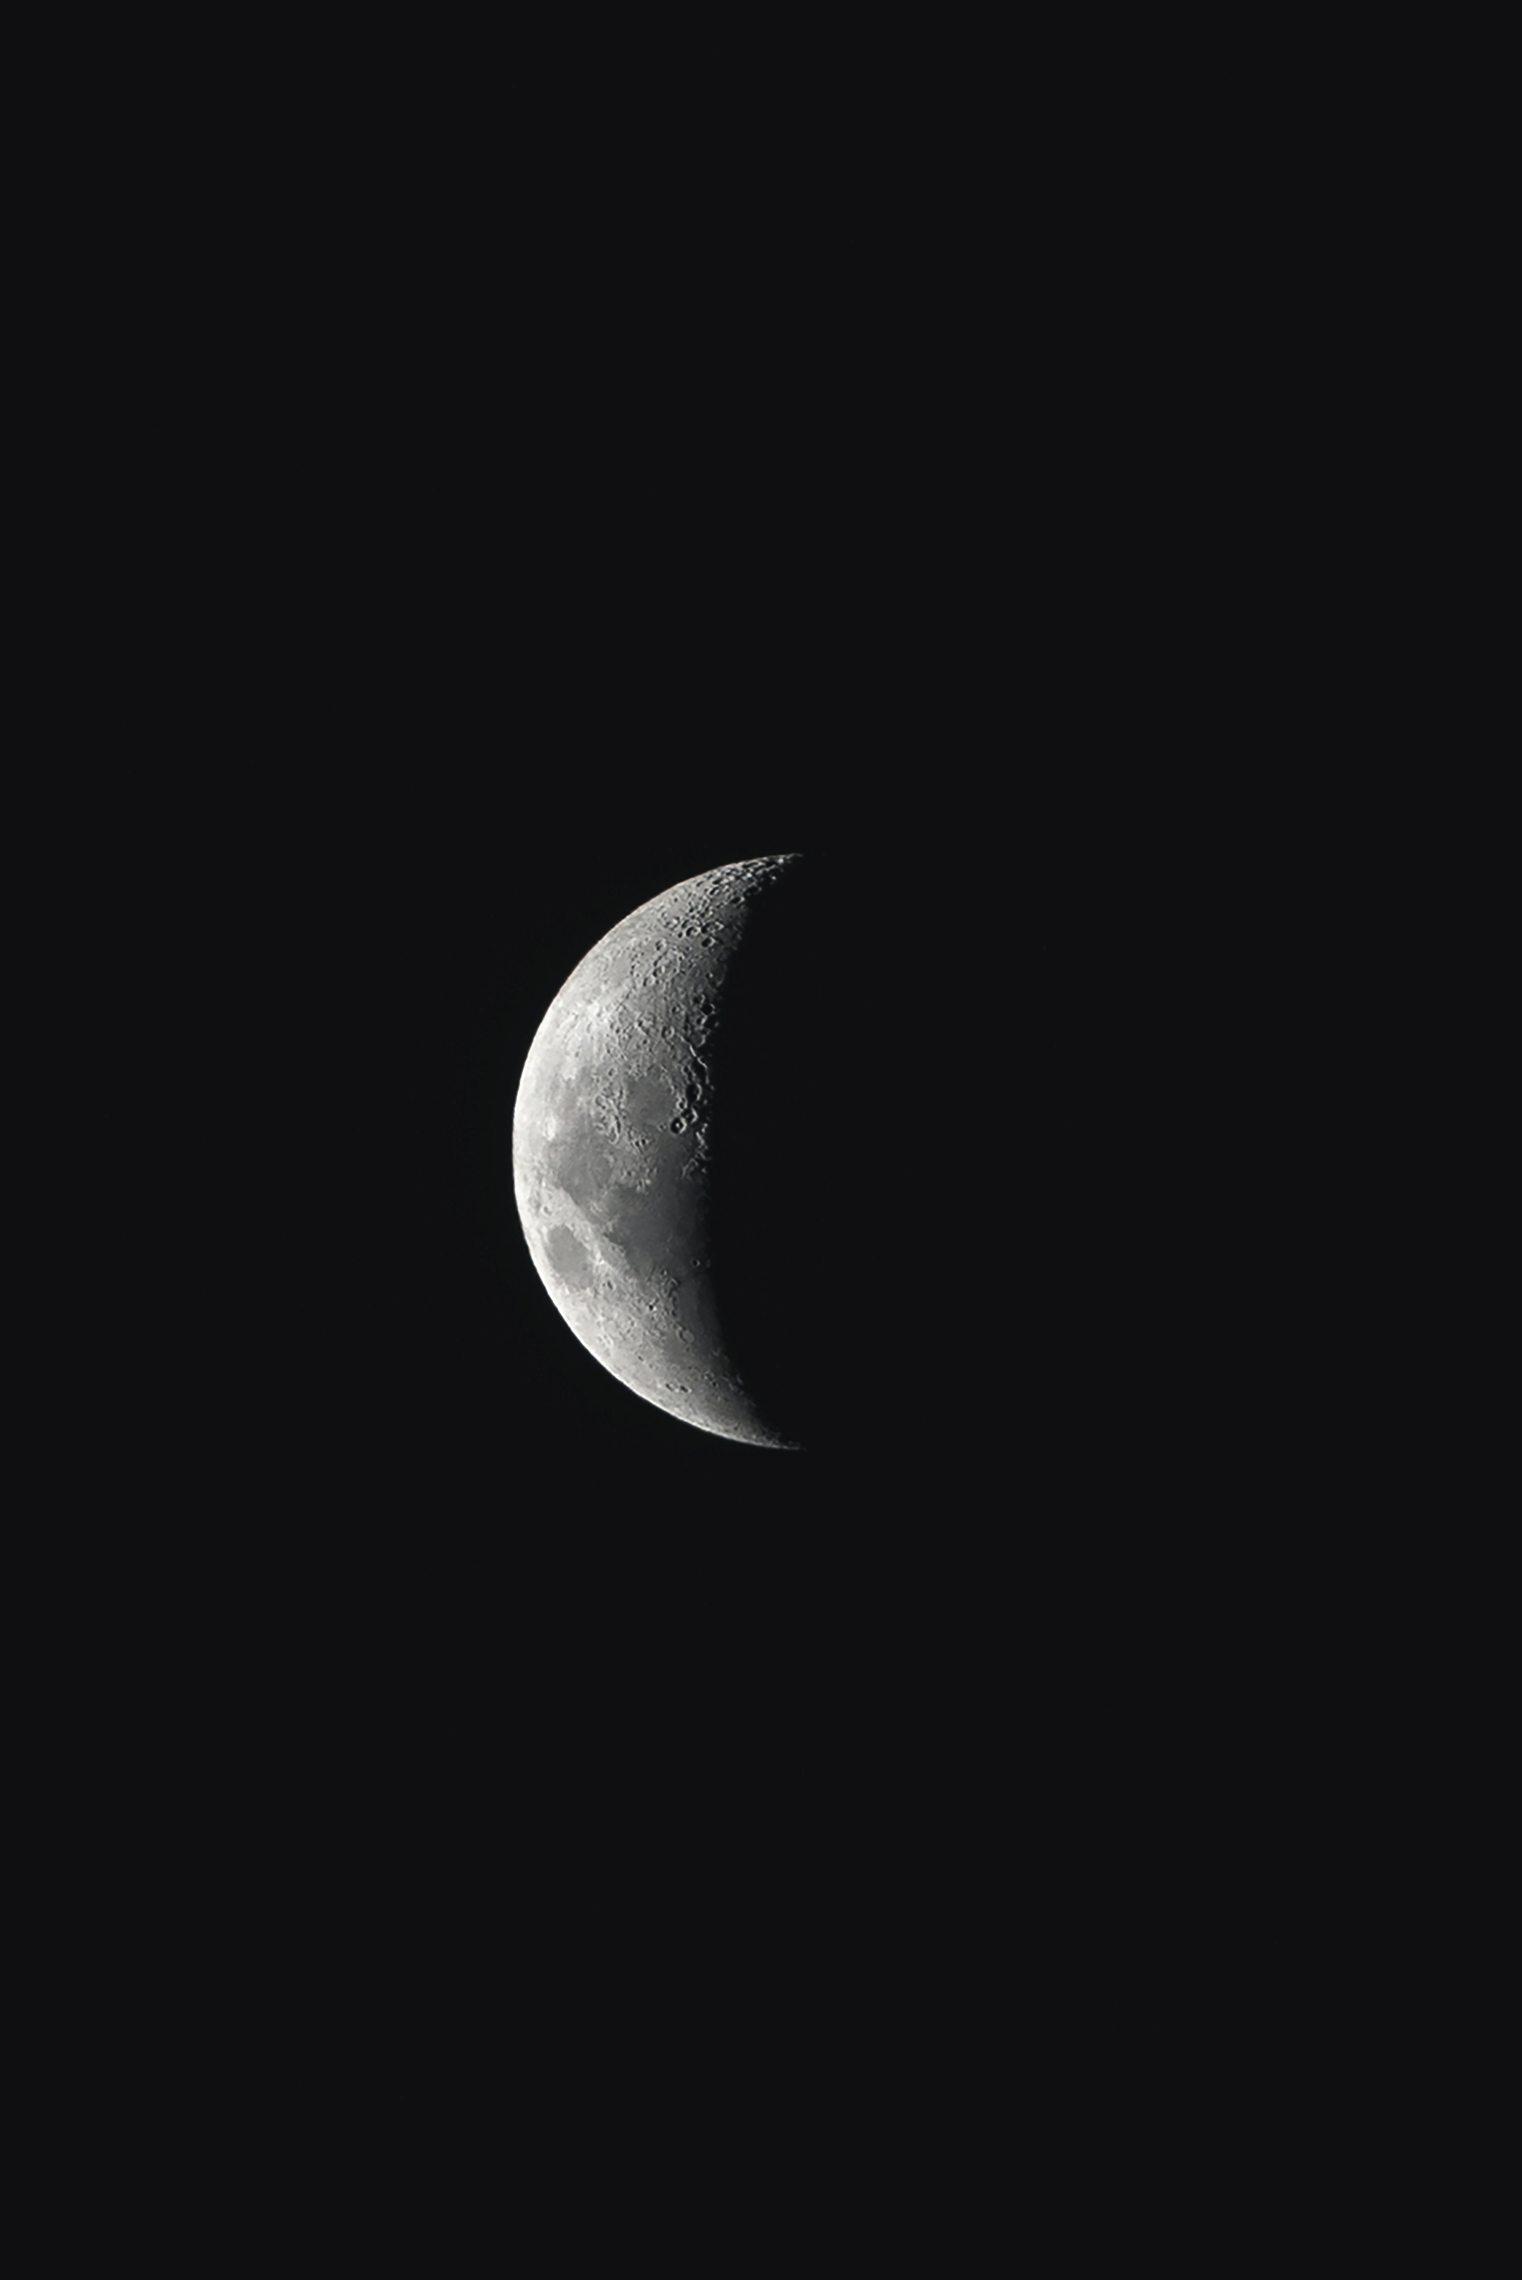 black wallpaper full moon in dark night